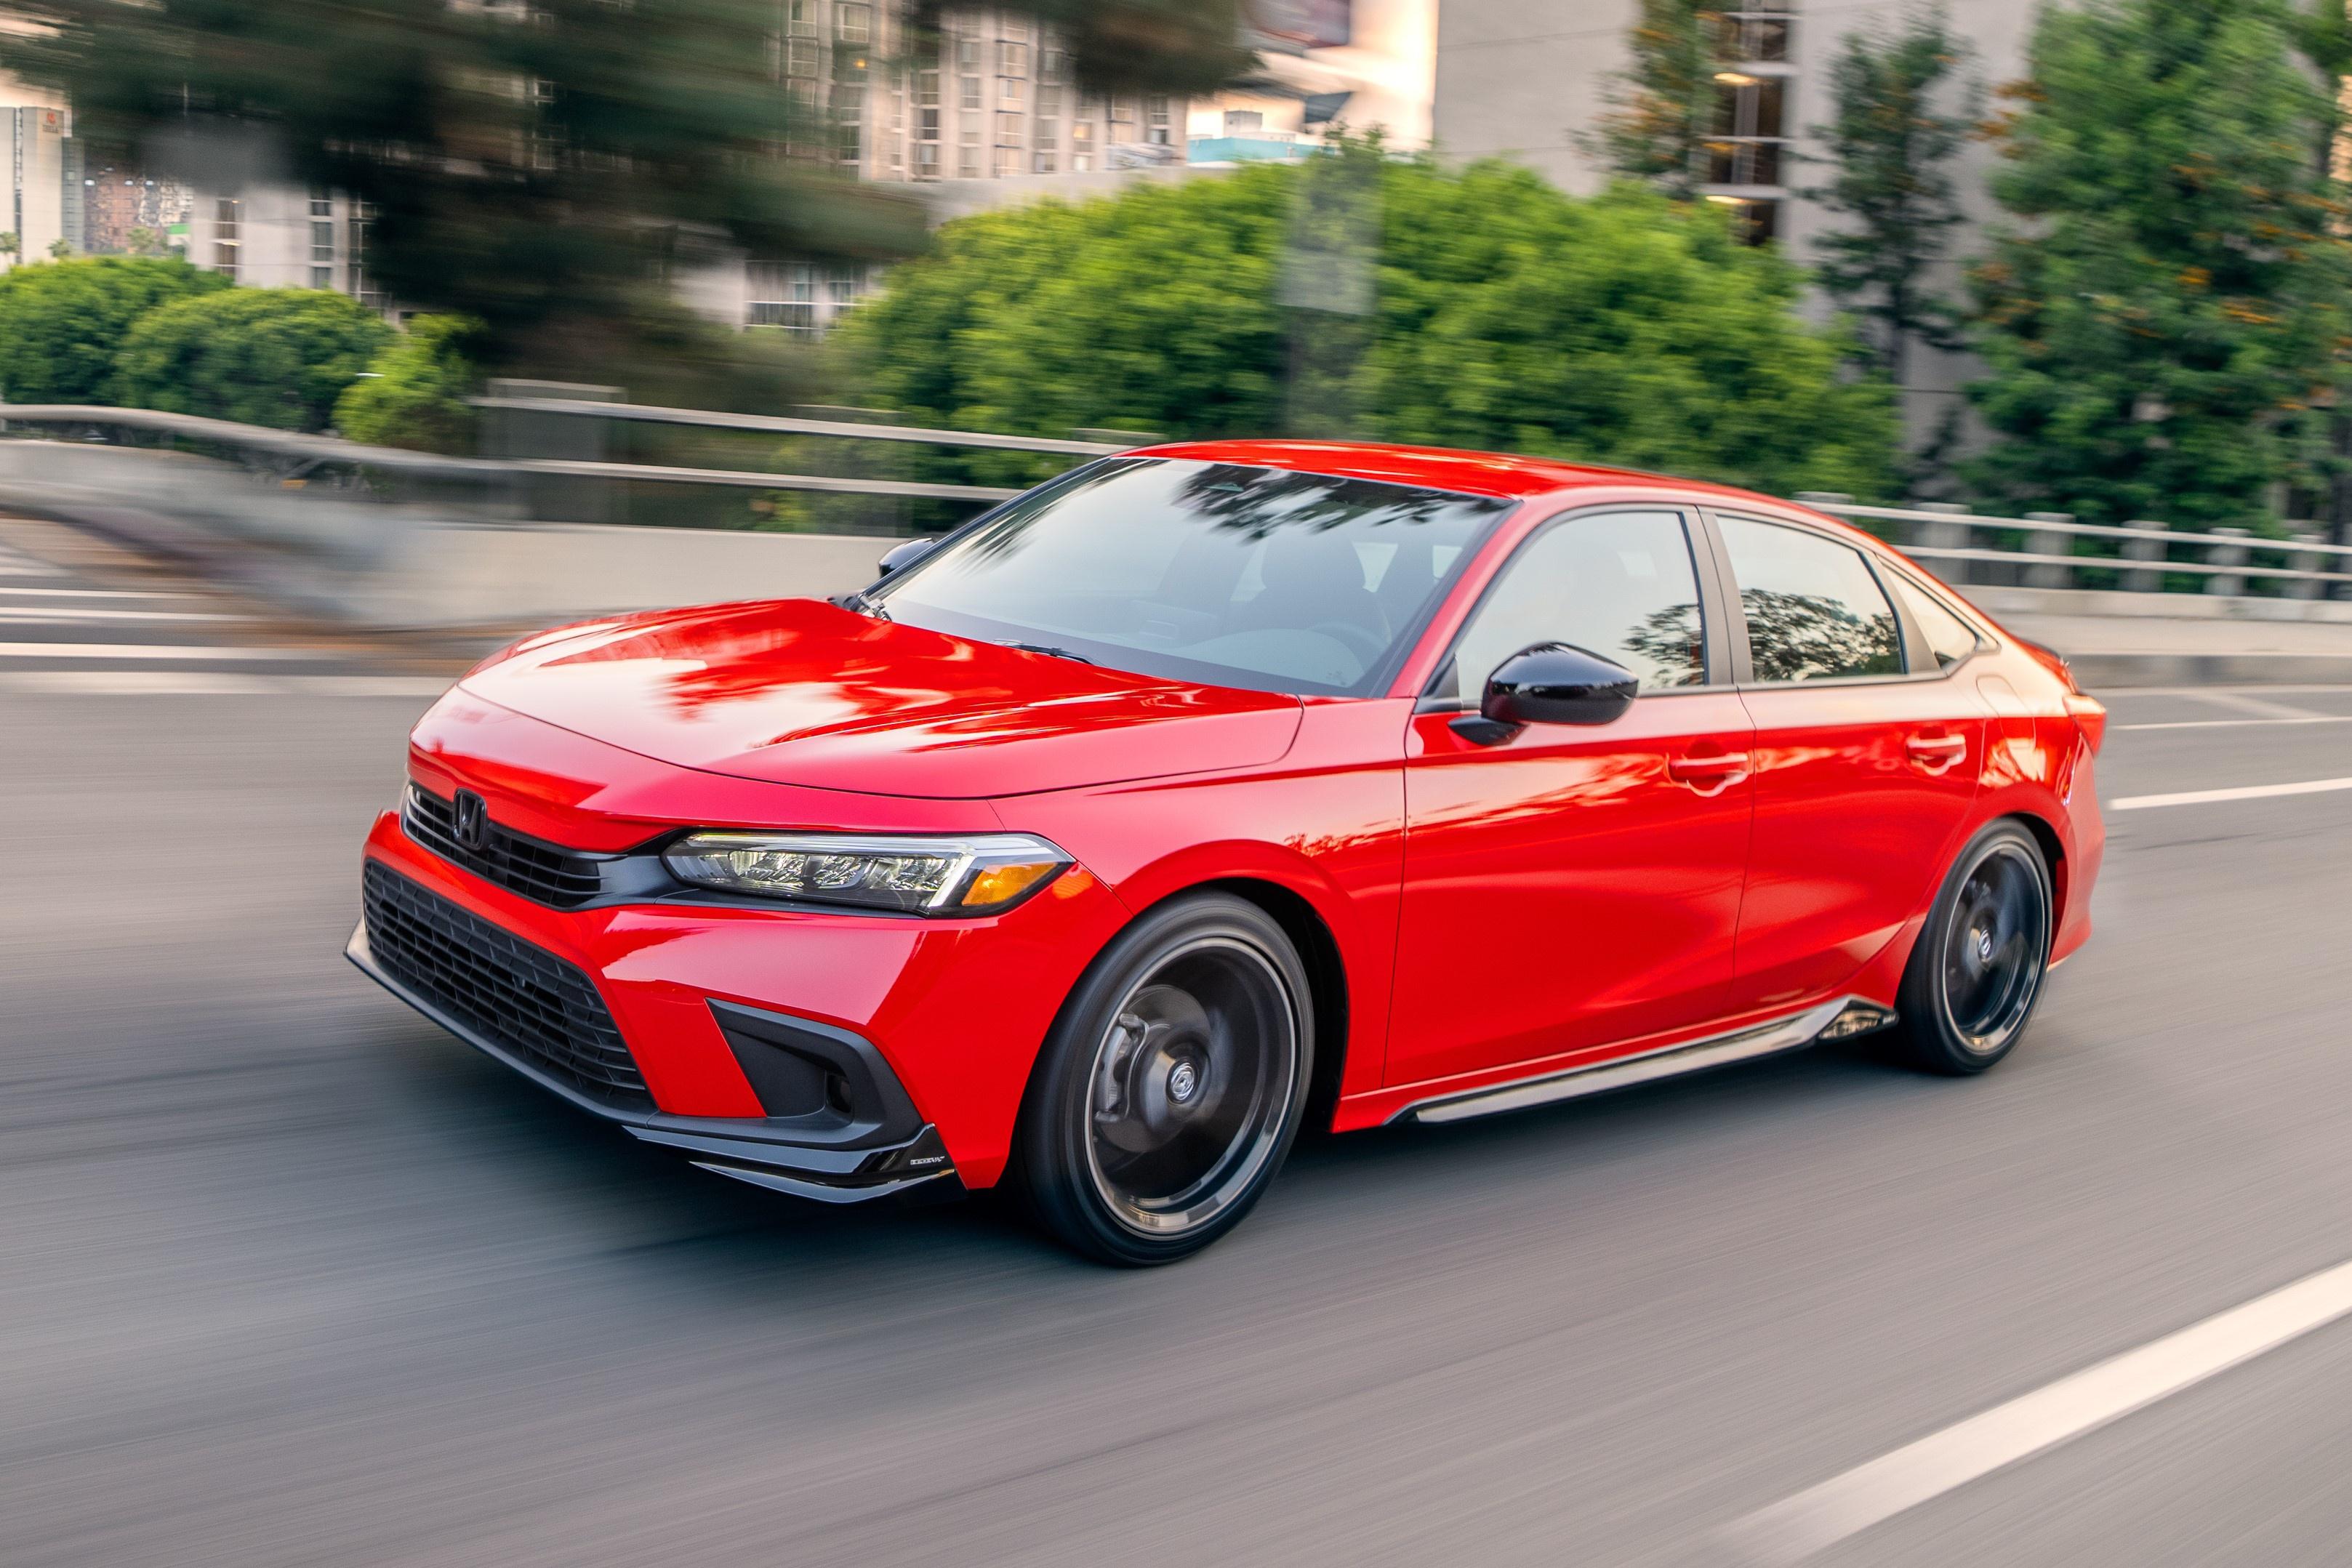 Honda Civic 2022 chuẩn bị được ra mắt tại Thái Lan - ảnh 1